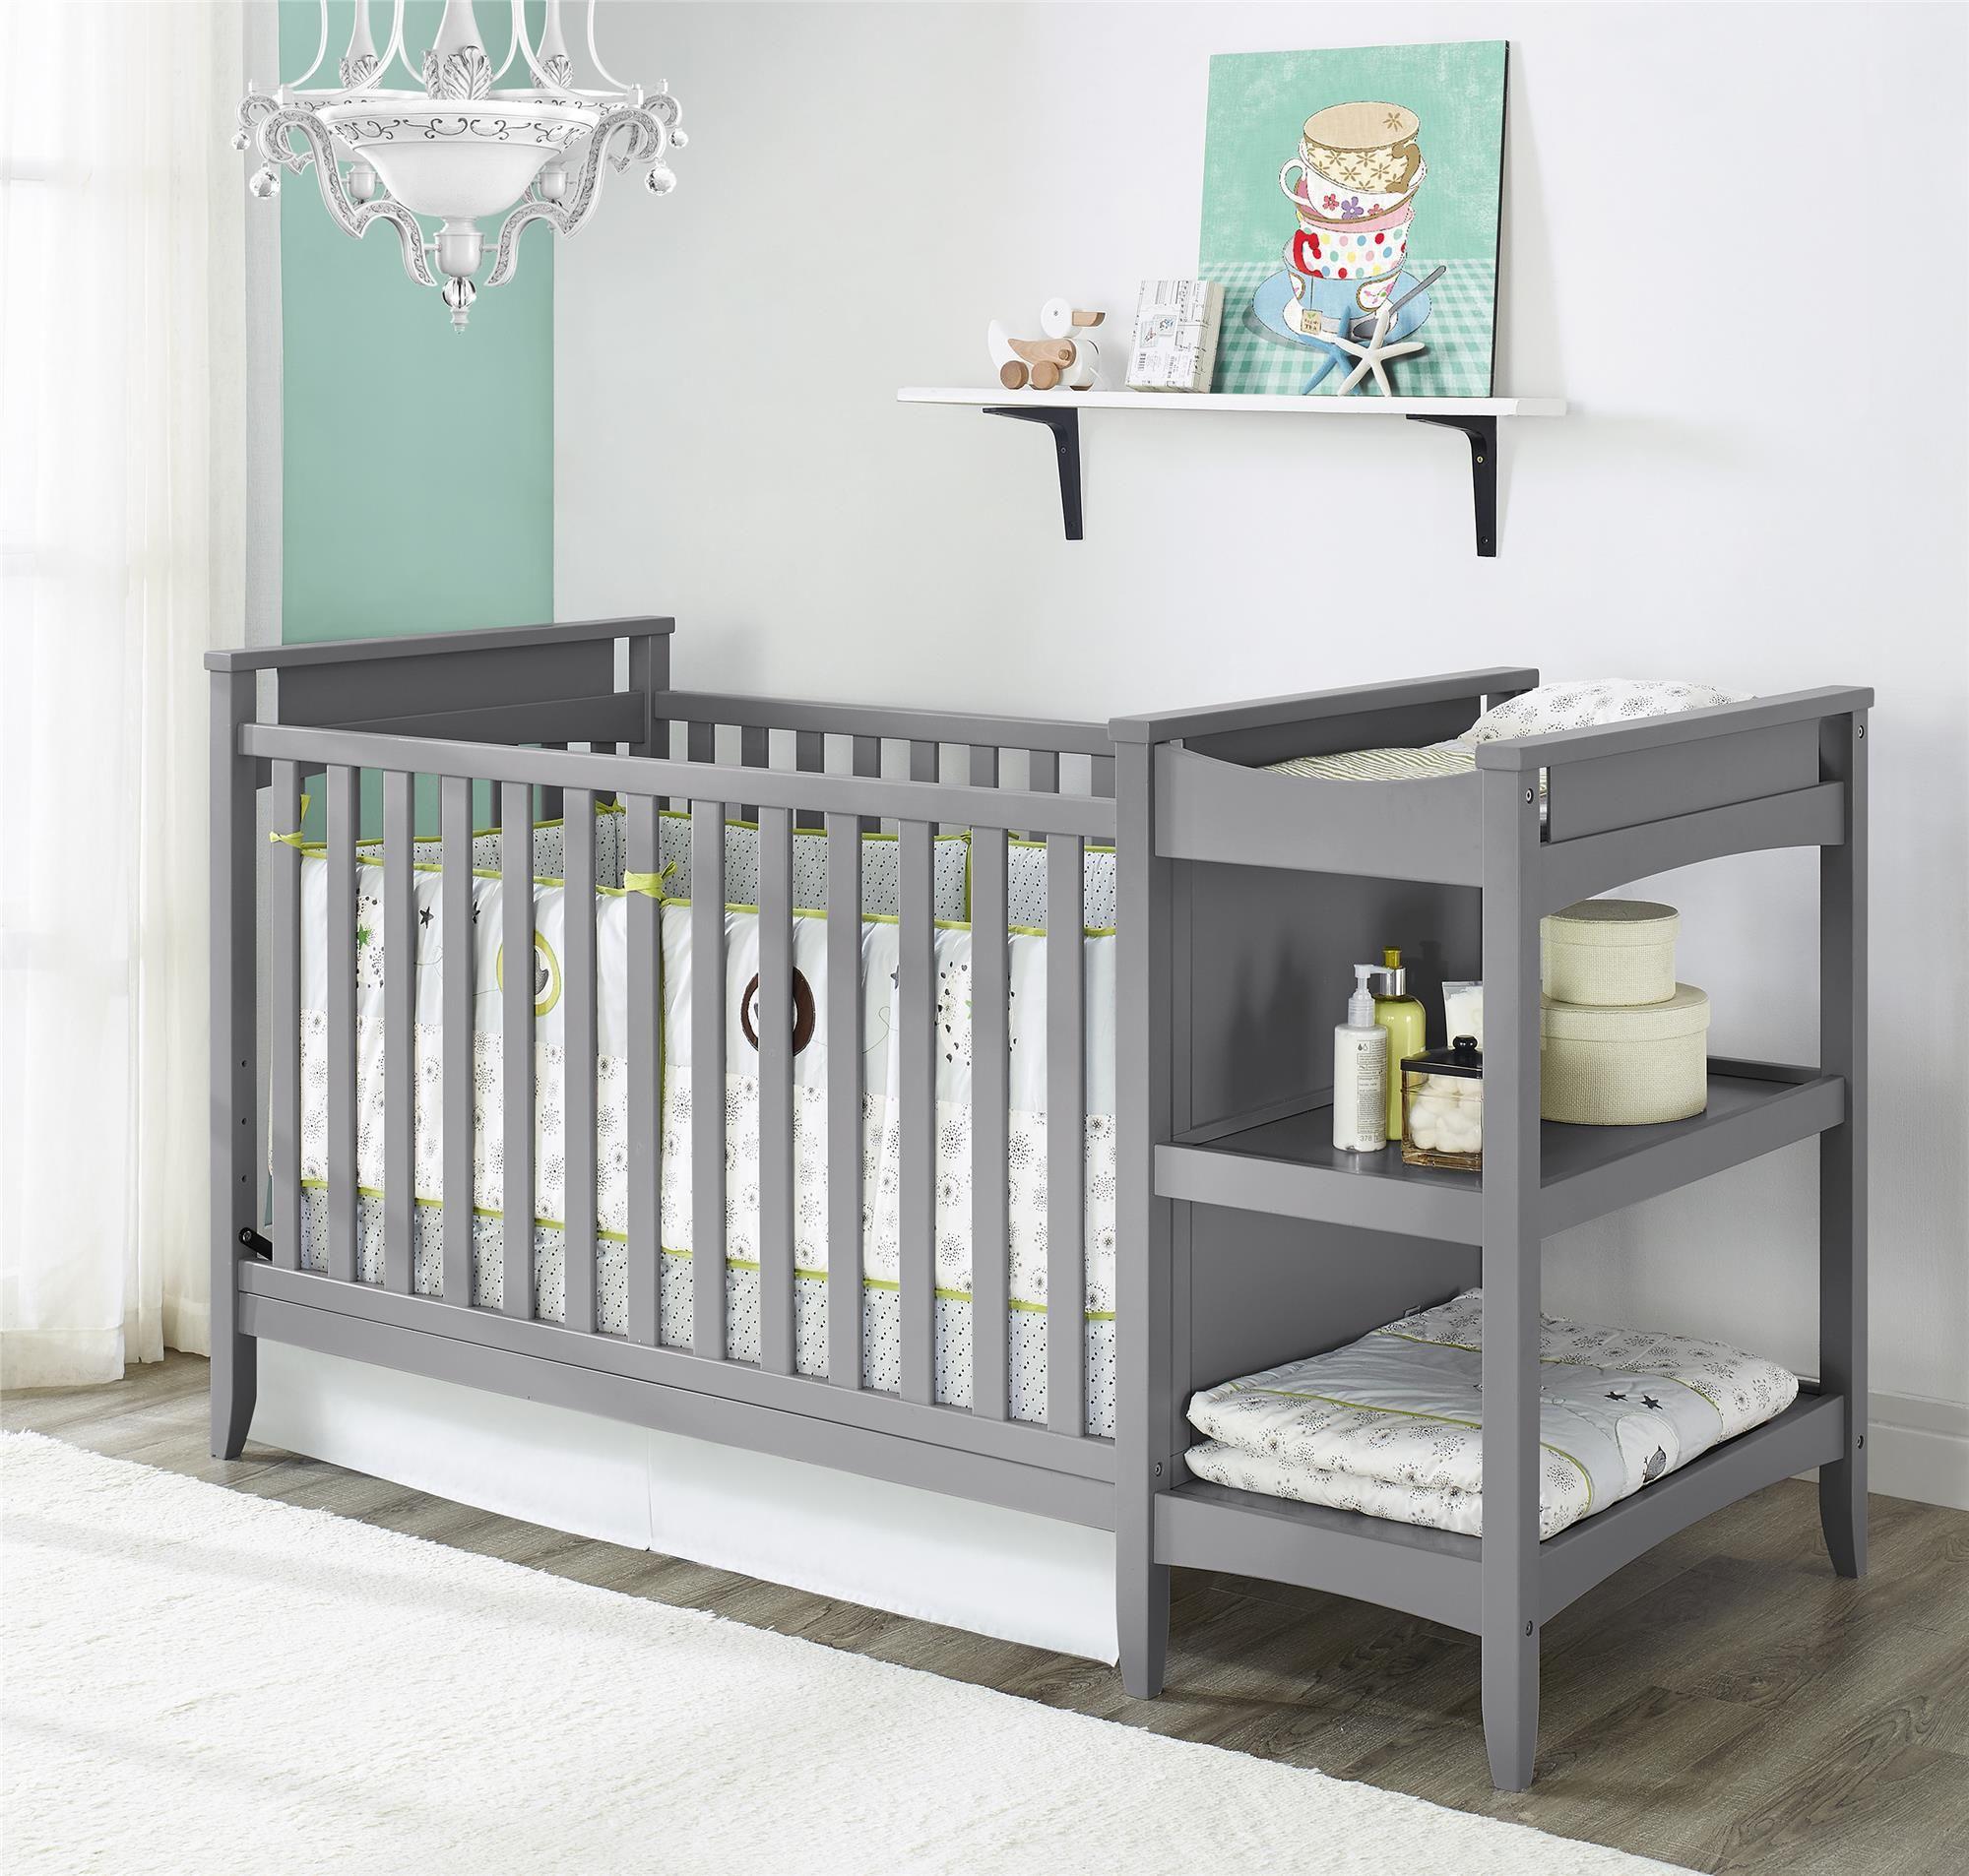 #Schlafzimmer Vorteile Des Wickelkommode F R Baby #Vorteile #Des #Wickelkommode